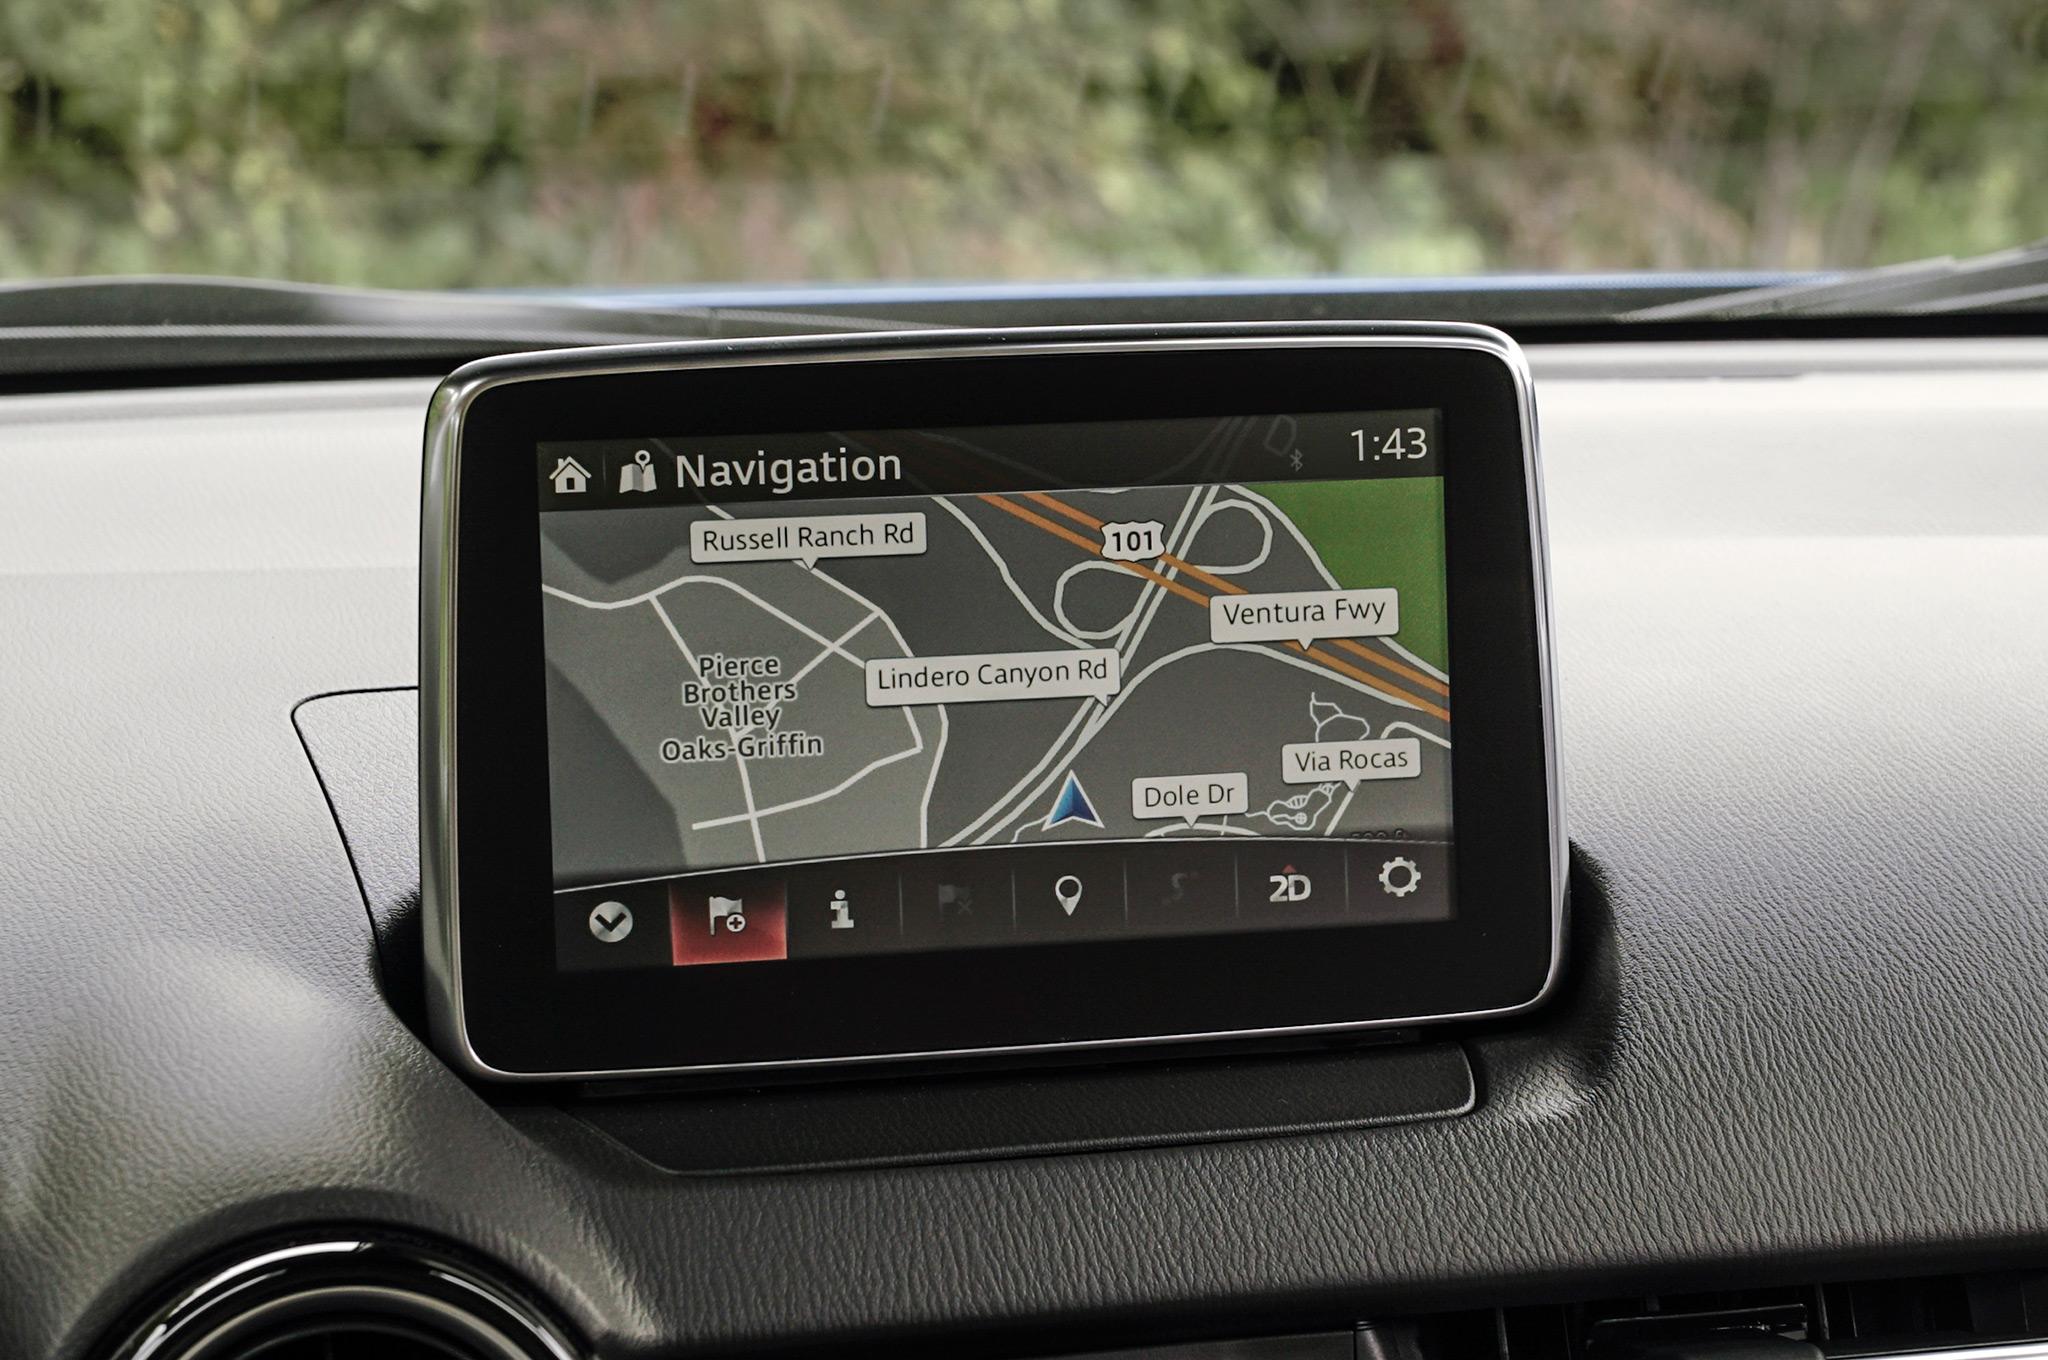 Рис. 6. Экран навигатора на передней панели.